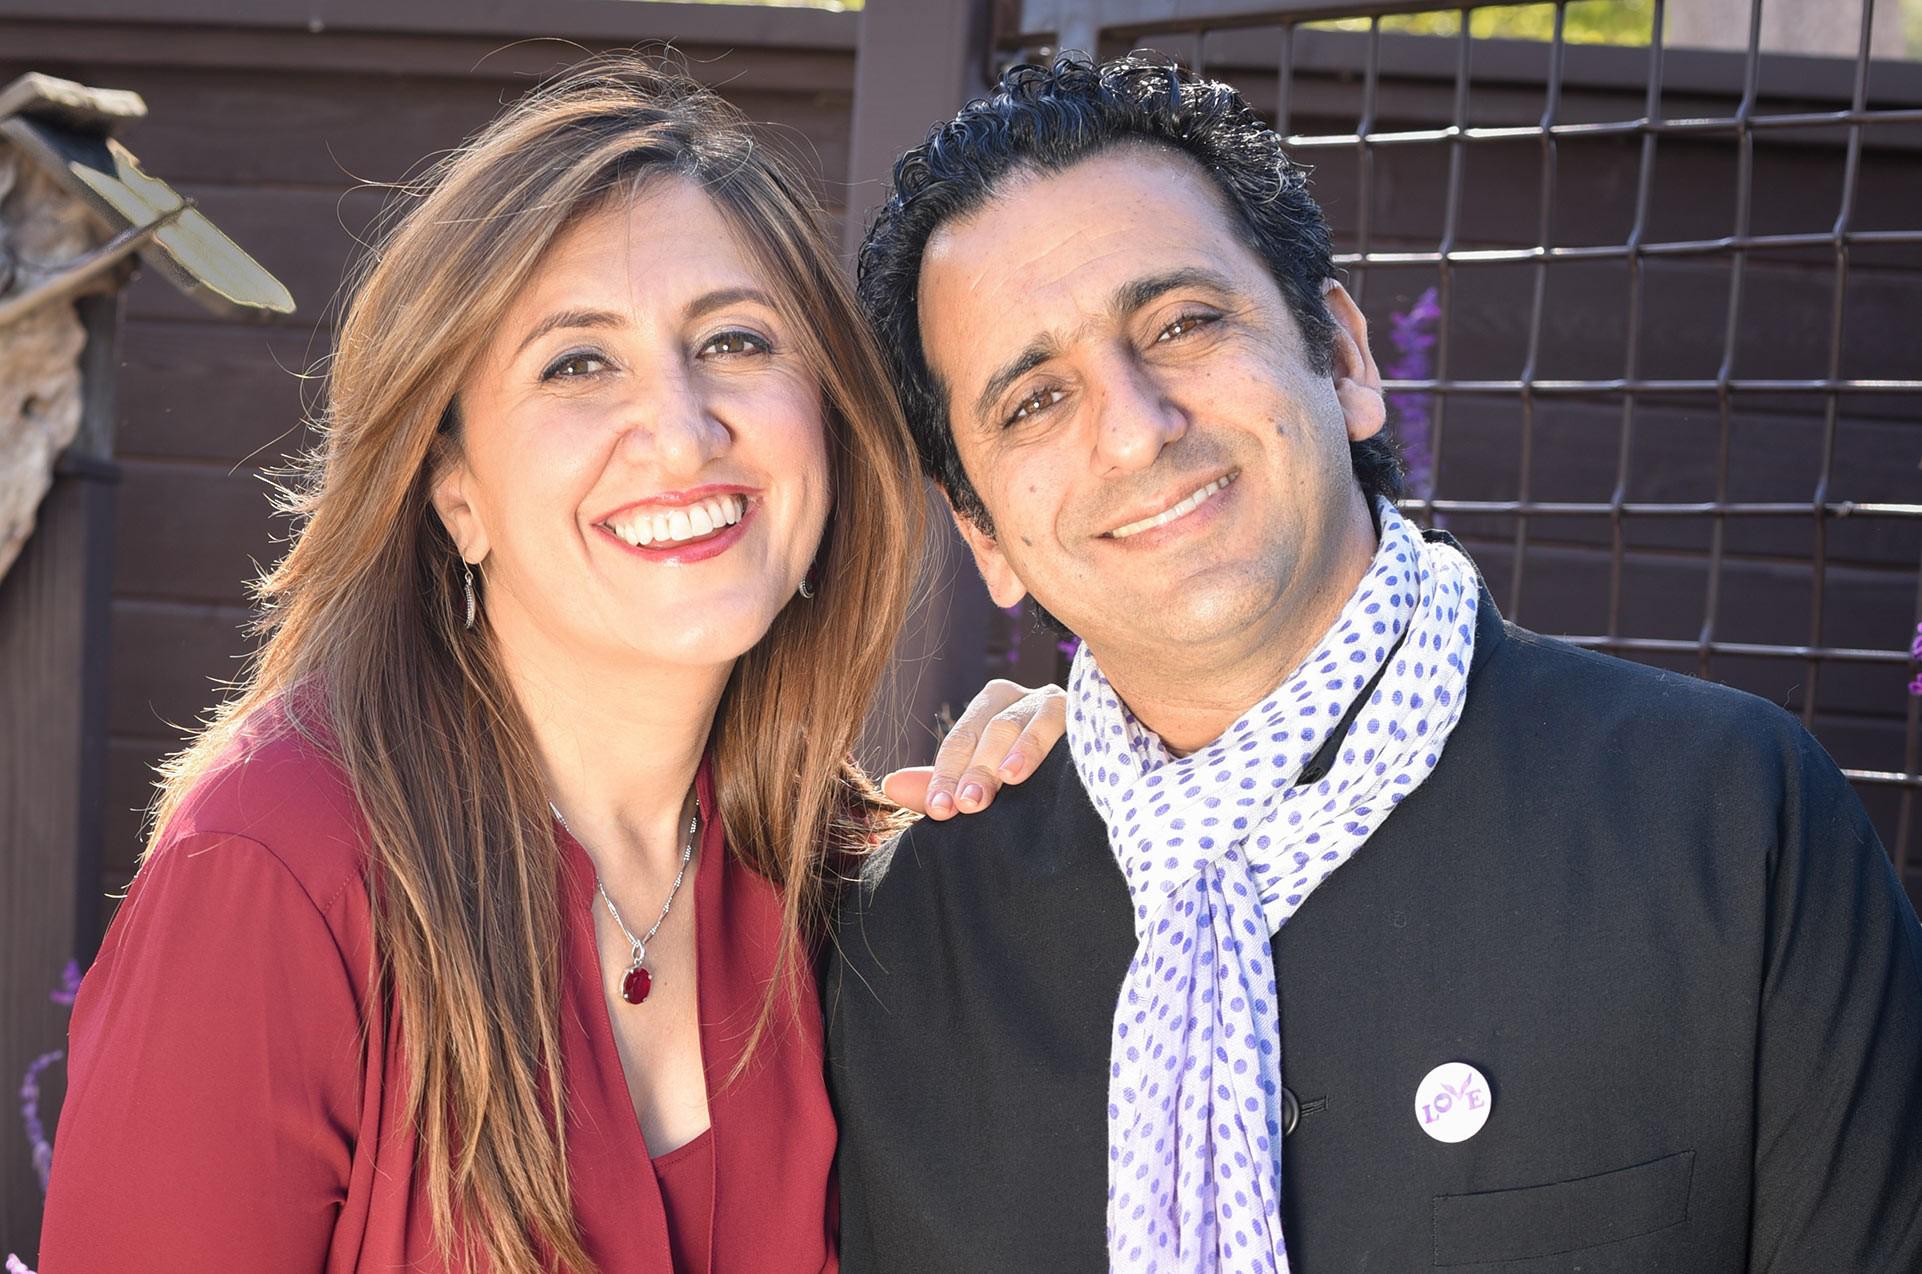 Dr. Sherry Sami & Dr. Habib Sadeghi